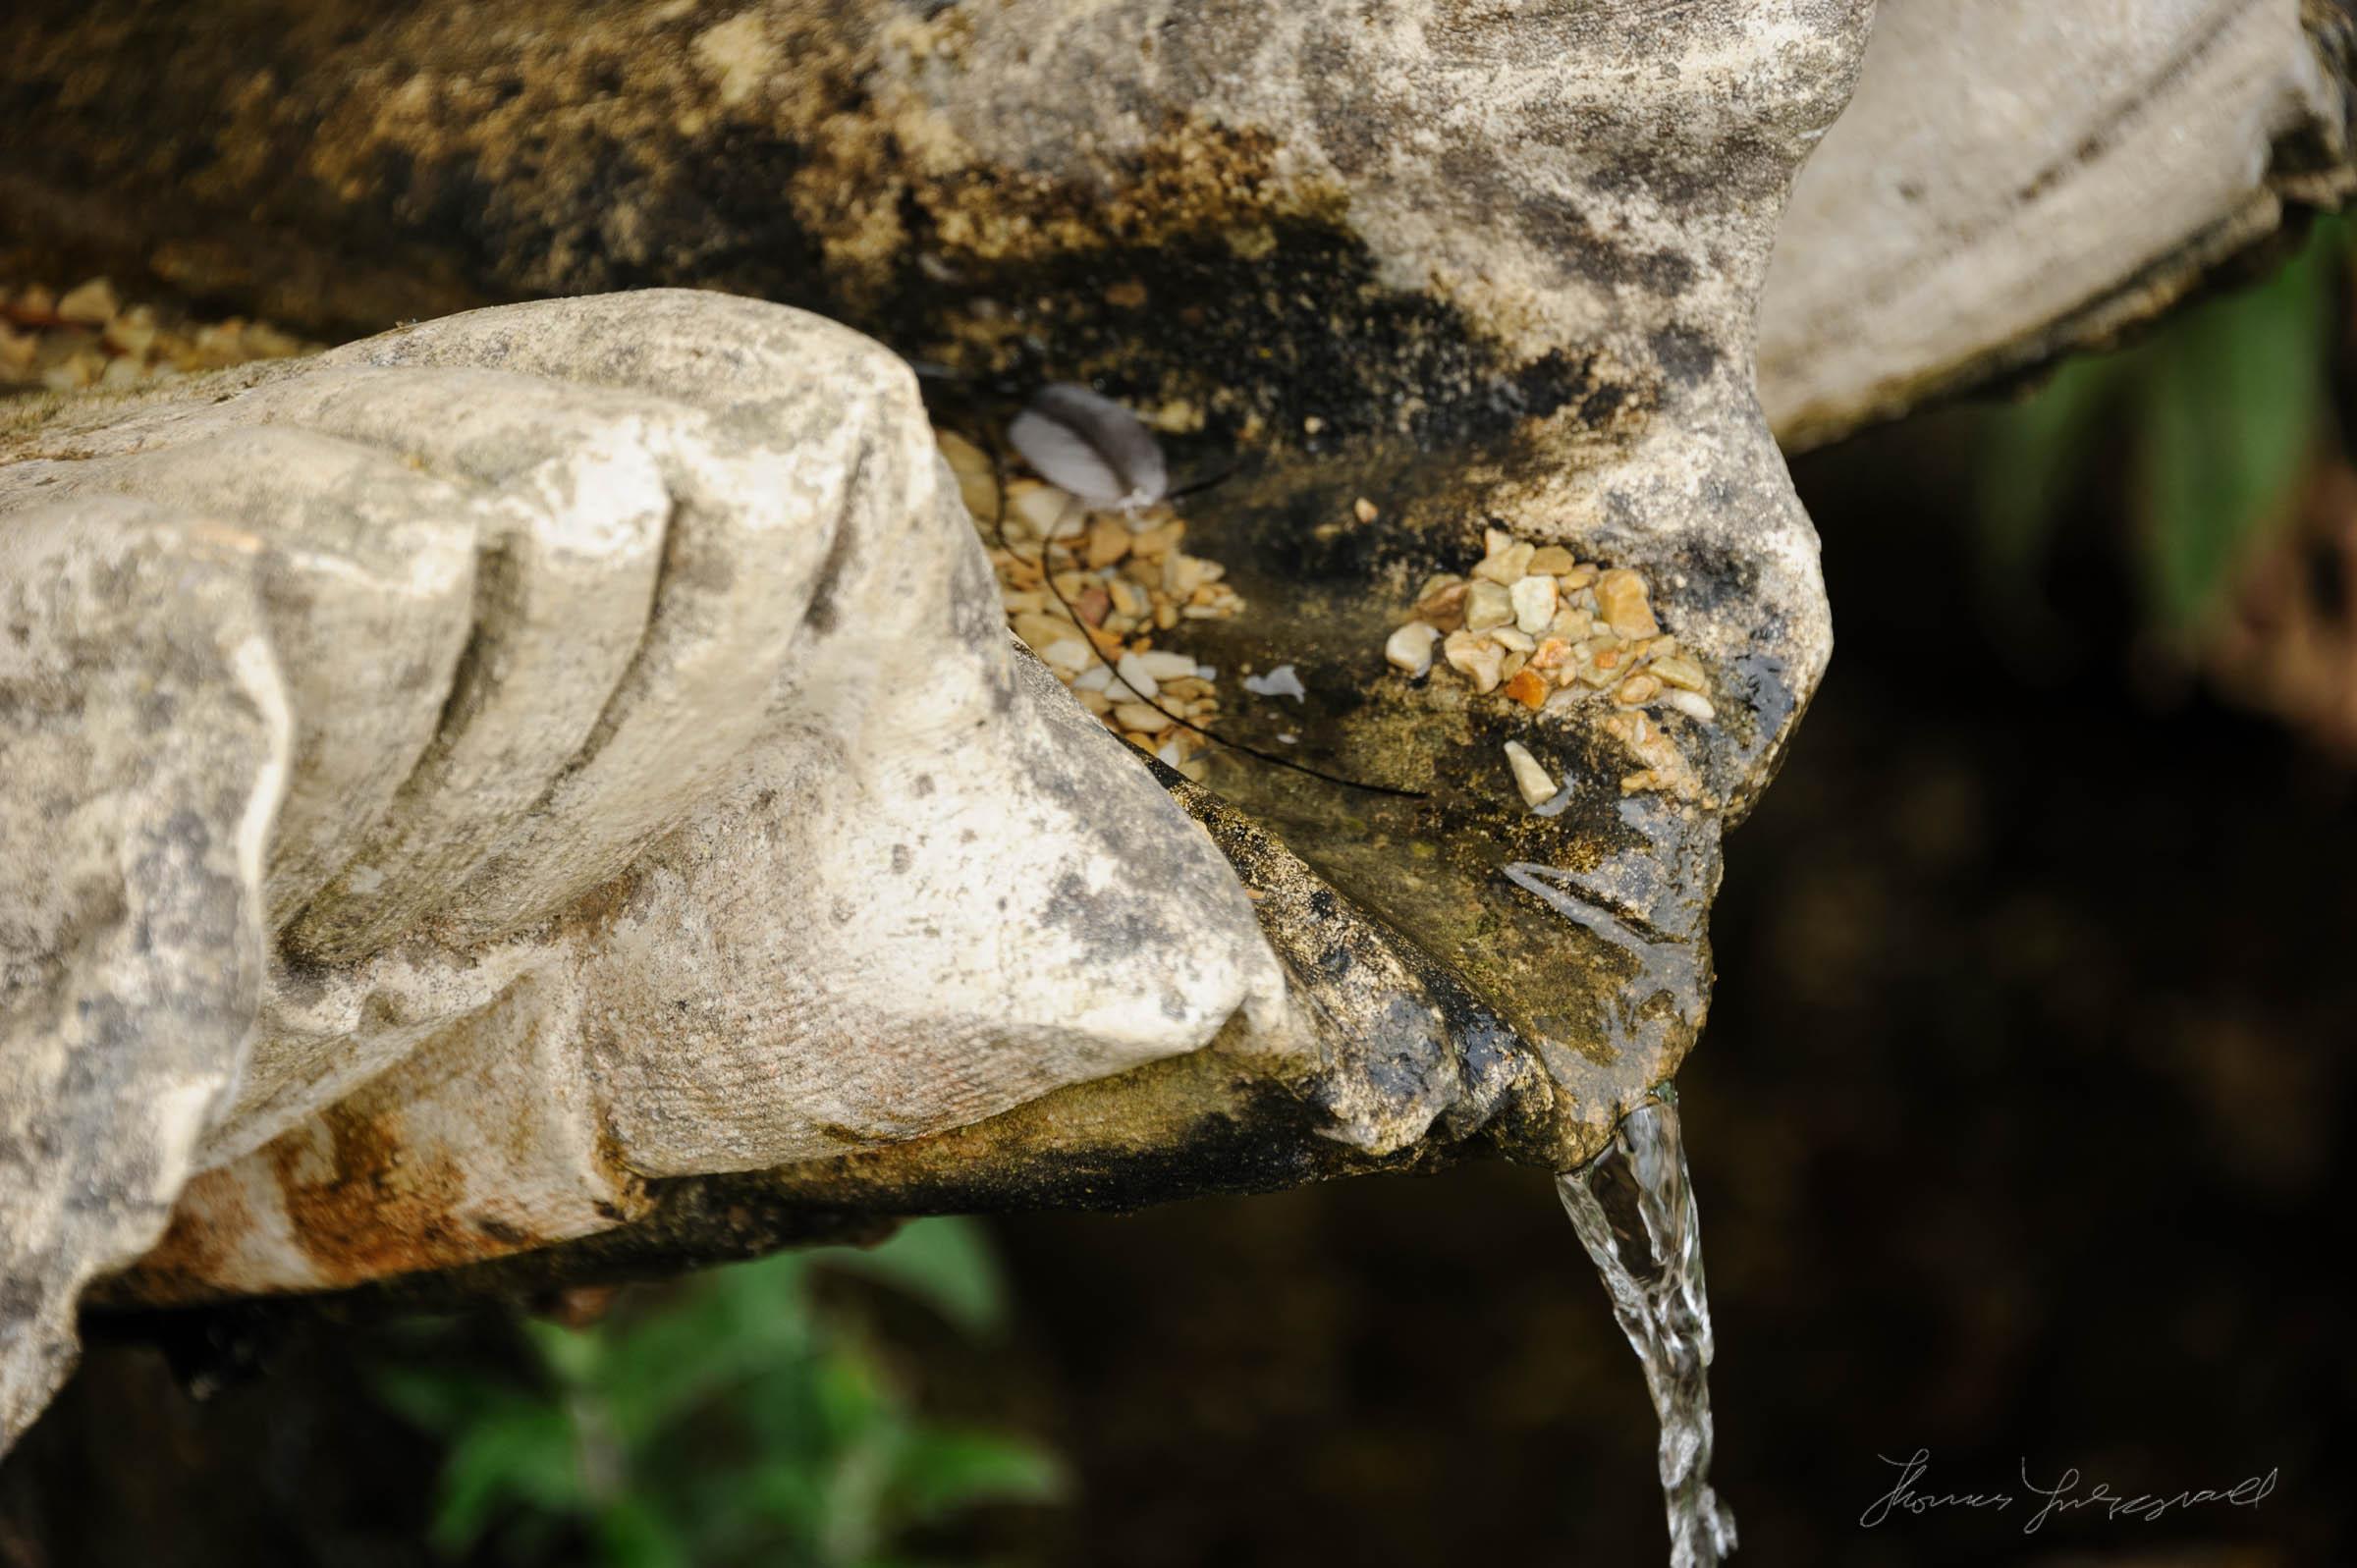 Water fountain closeup